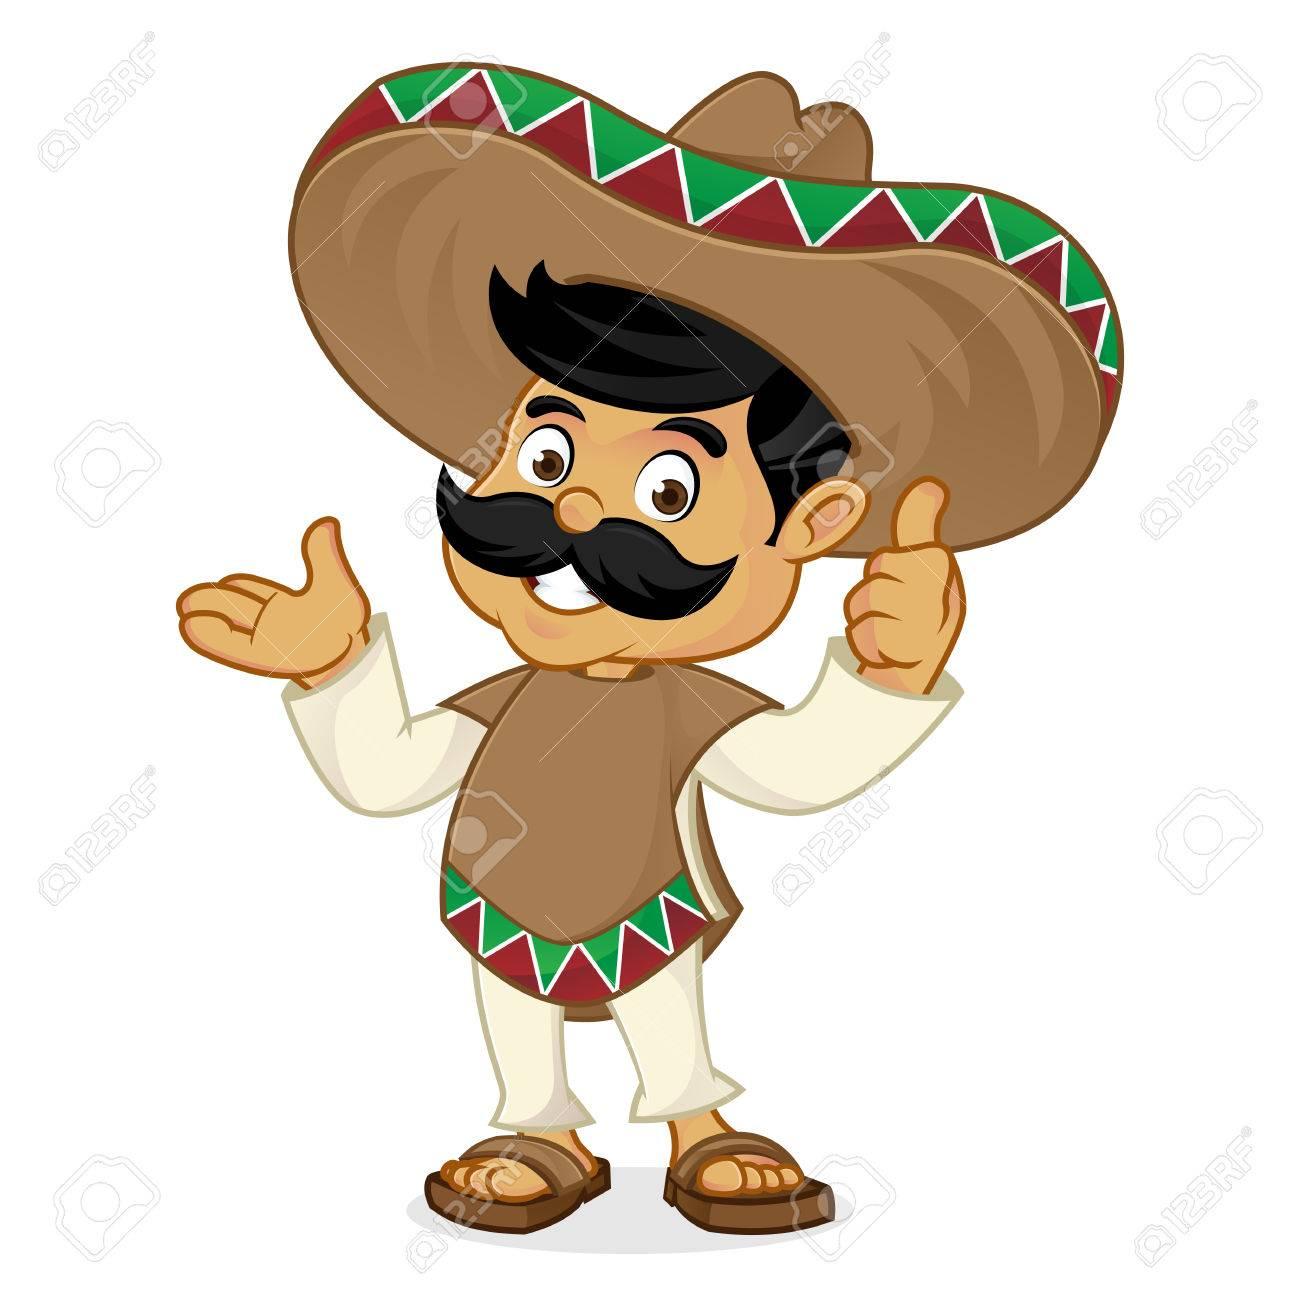 Foto de archivo - Presentación de dibujos animados hombre mexicano aislado  en fondo blanco 570e3b98d4c